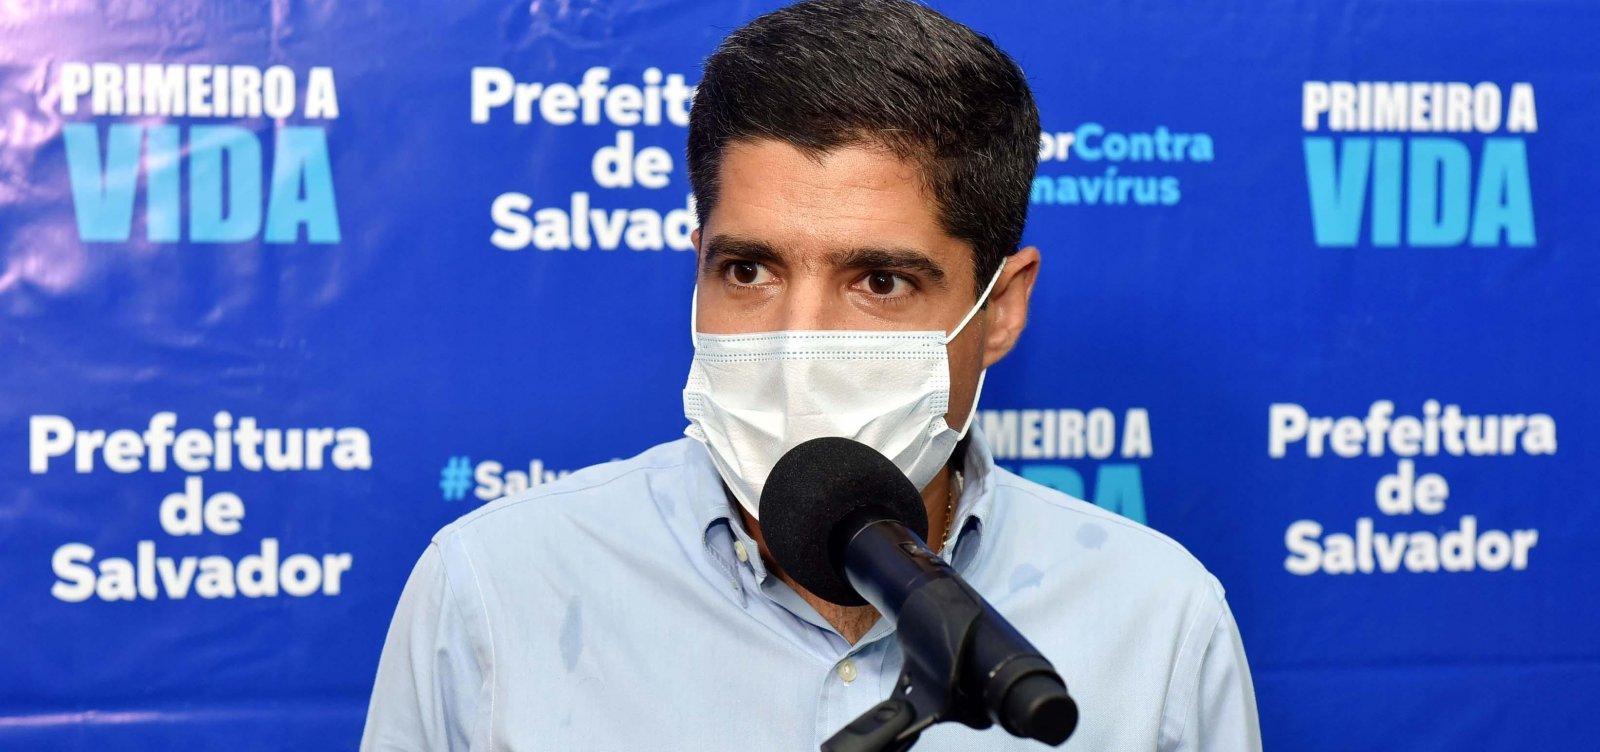 Salvador registra 38% de ocupação de leitos de UTI e prefeito enxerga situação 'controlada'